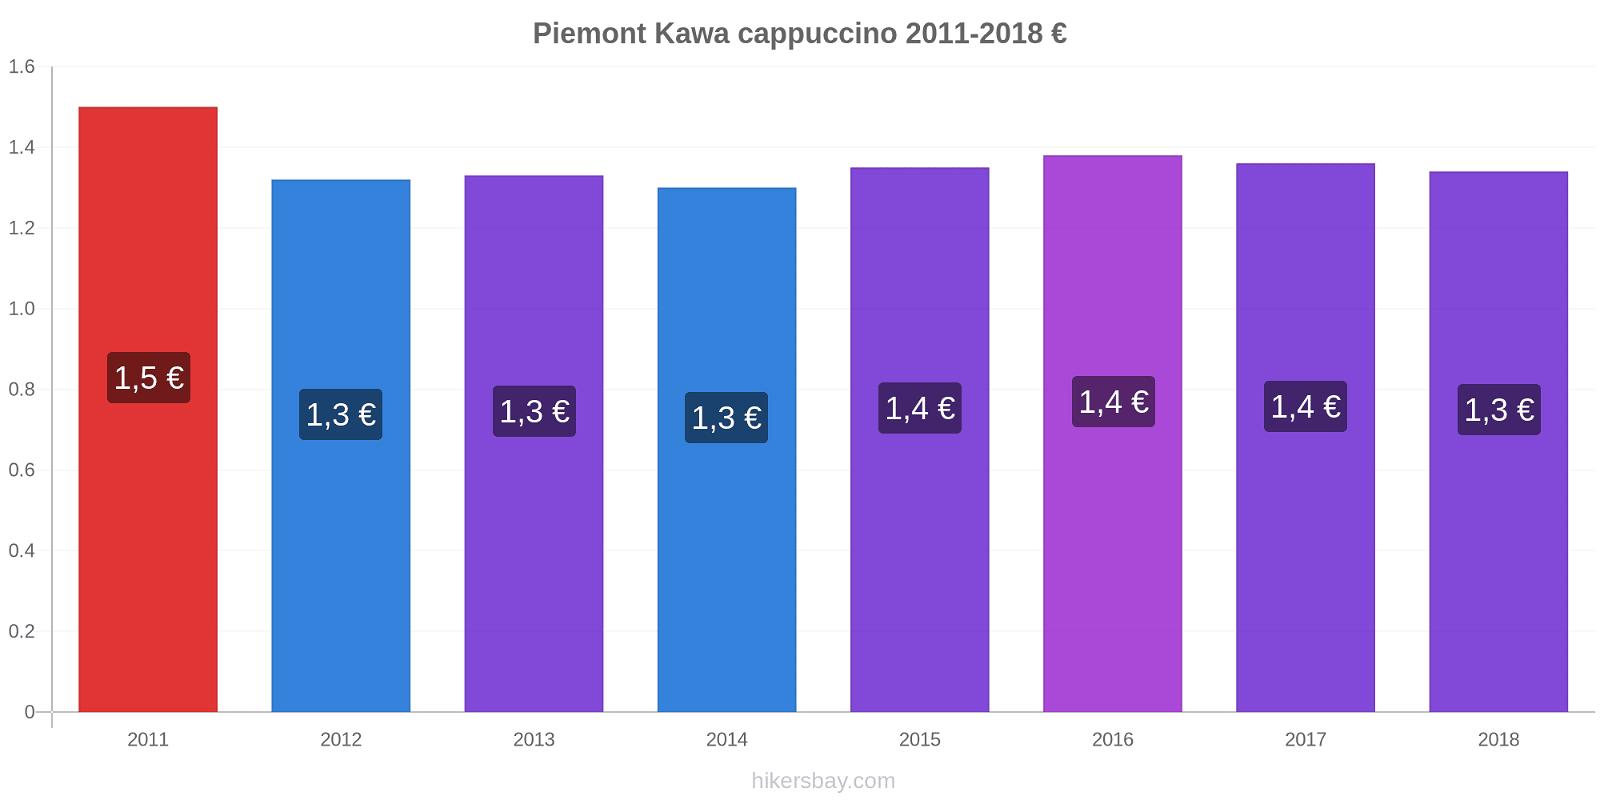 Piemont zmiany cen Kawa cappuccino hikersbay.com